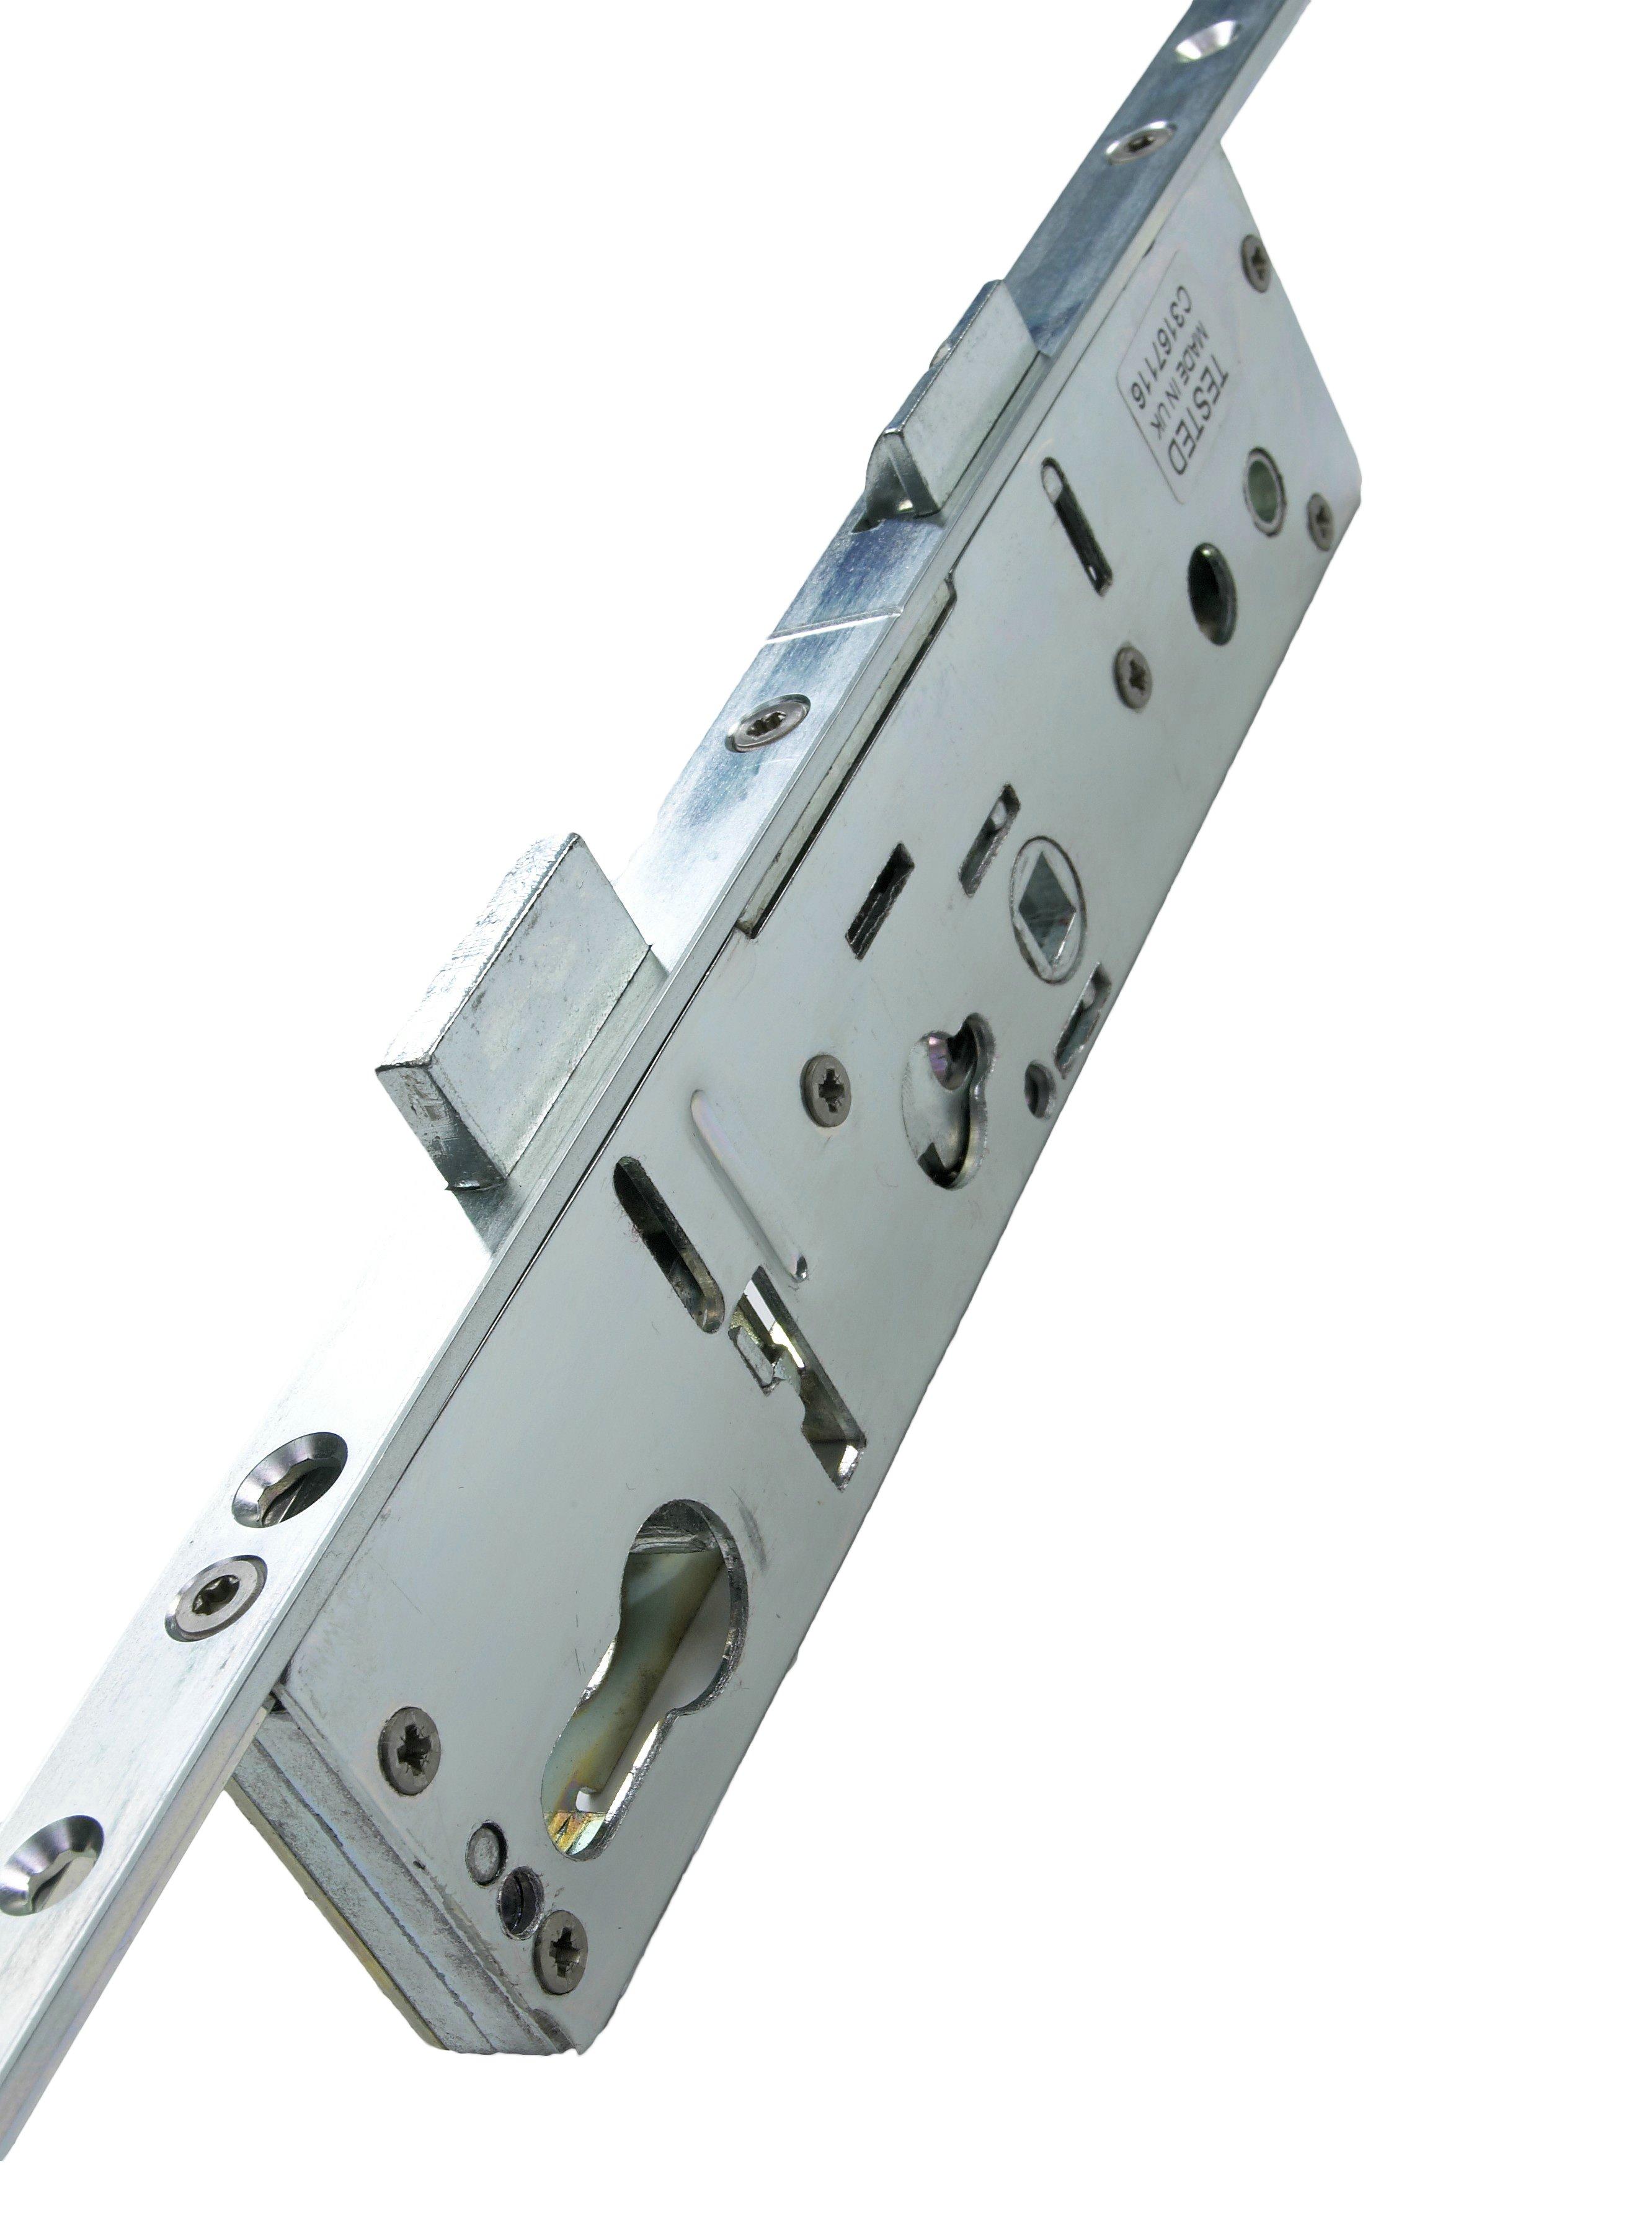 3 Deadbolt Lockmaster Lockmaster Yale Door Locks Home